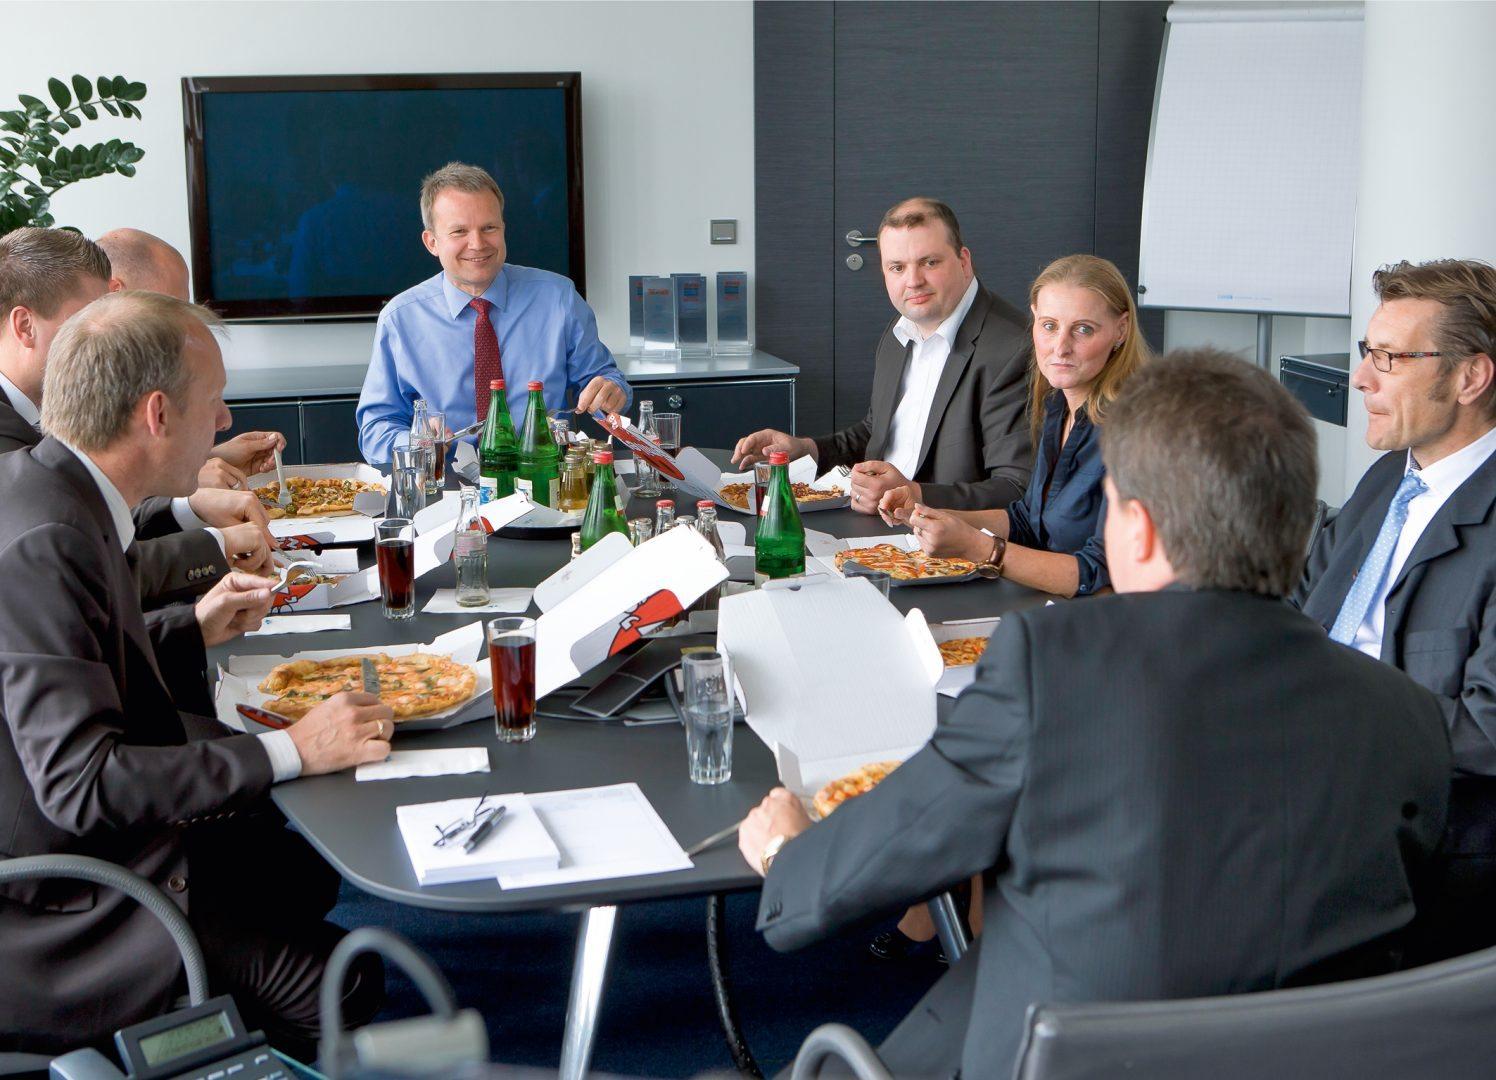 Dr. Jens Baas, TK-Vorstandsvorsitzender (Mitte), mit Mitarbeitern beim Pizza-Treff. Pressefoto der Techniker Krankenkasse zur Verwendung für redaktionelle Zwecke.